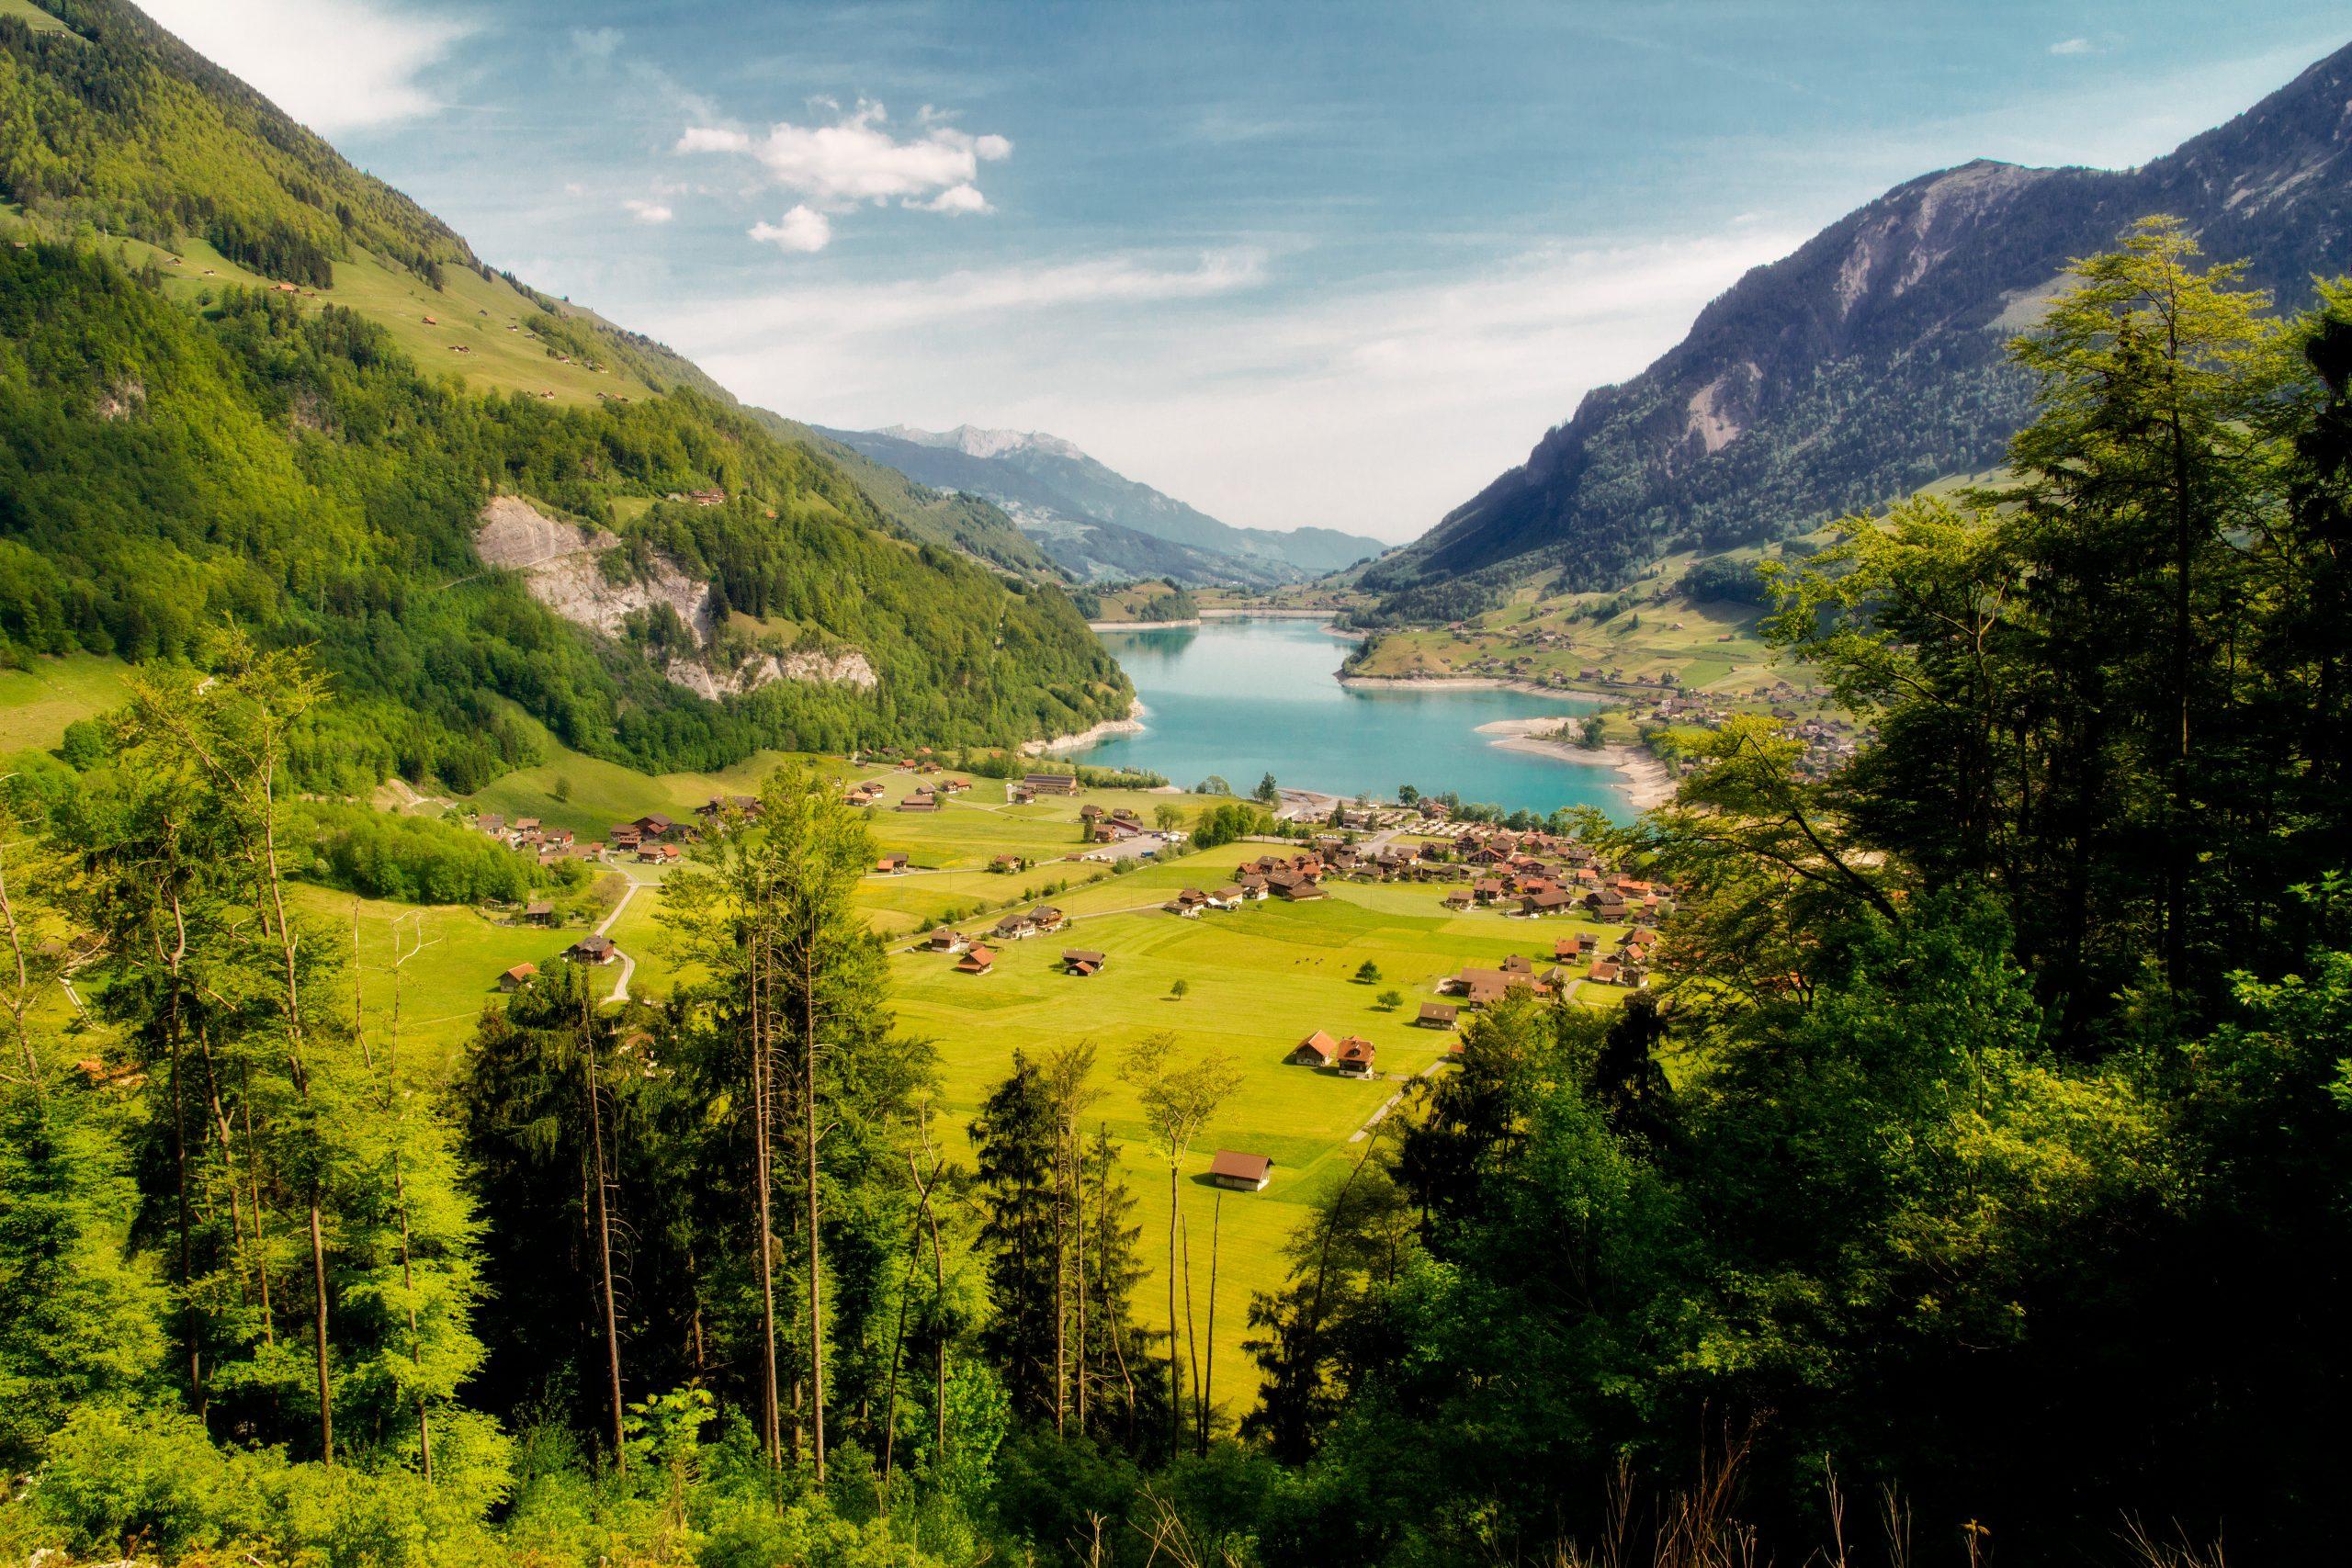 In the Swiss Alps. Photo by Artur Staszewski